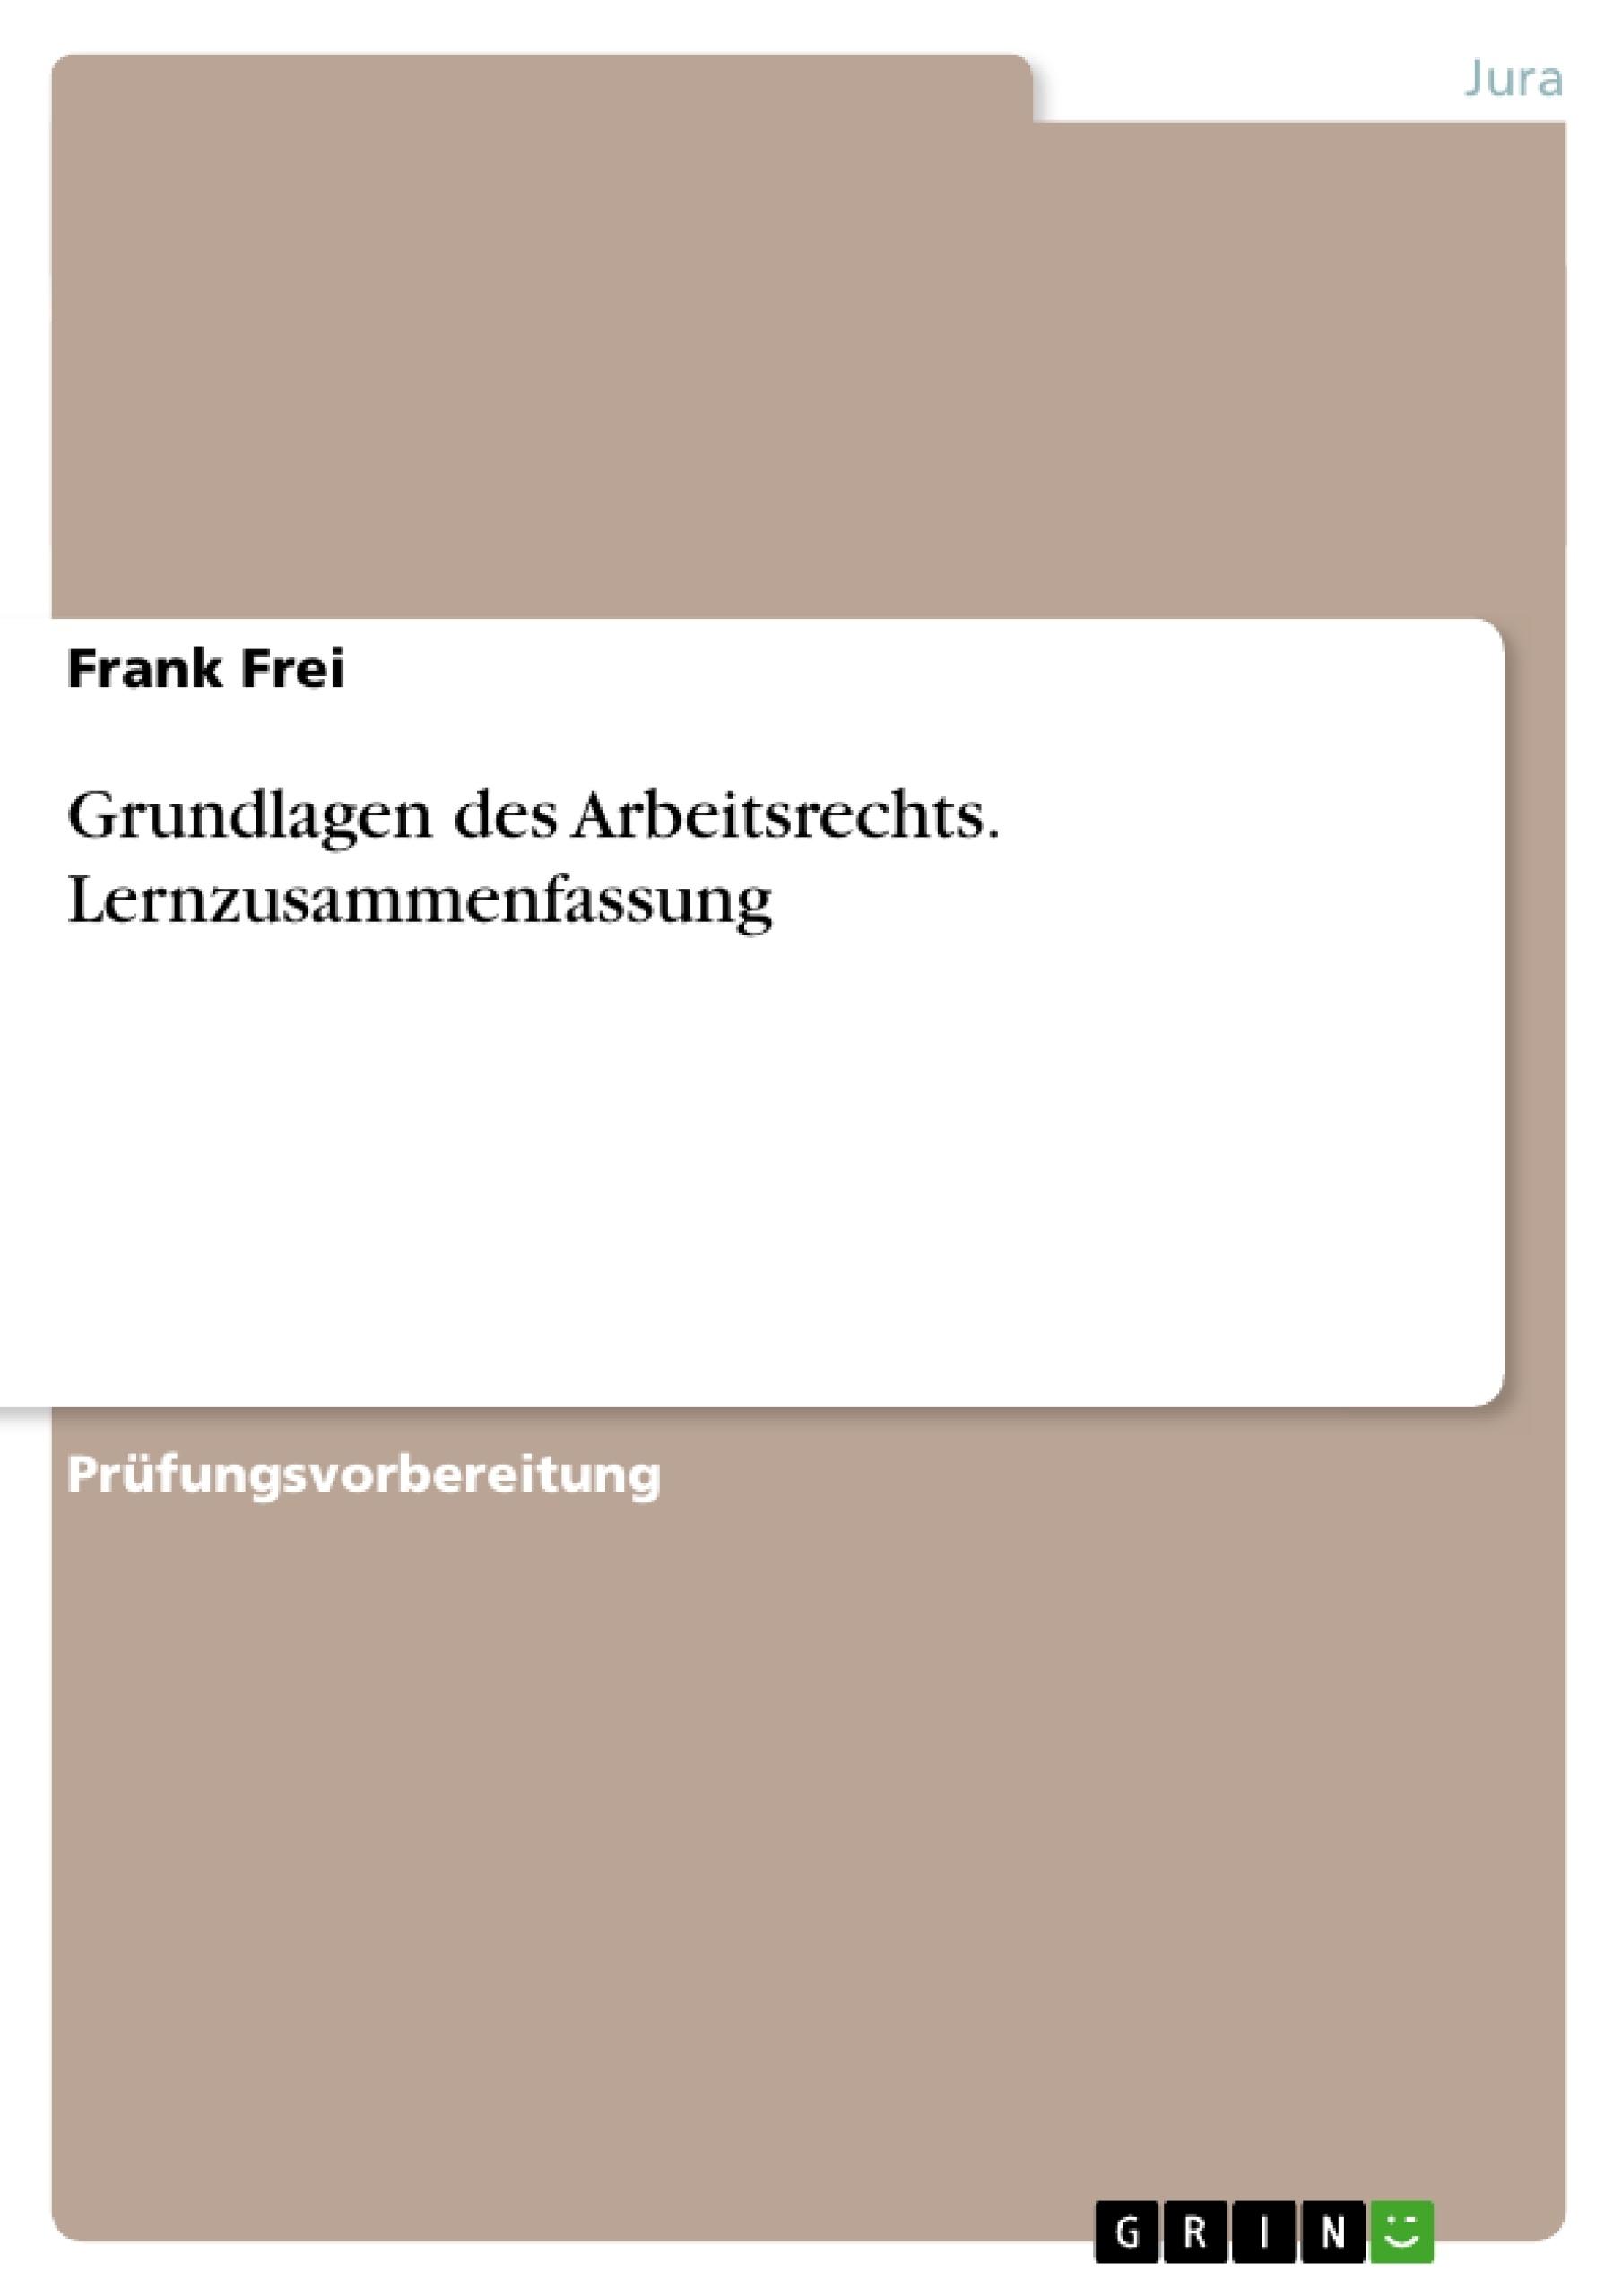 Titel: Grundlagen des Arbeitsrechts. Lernzusammenfassung